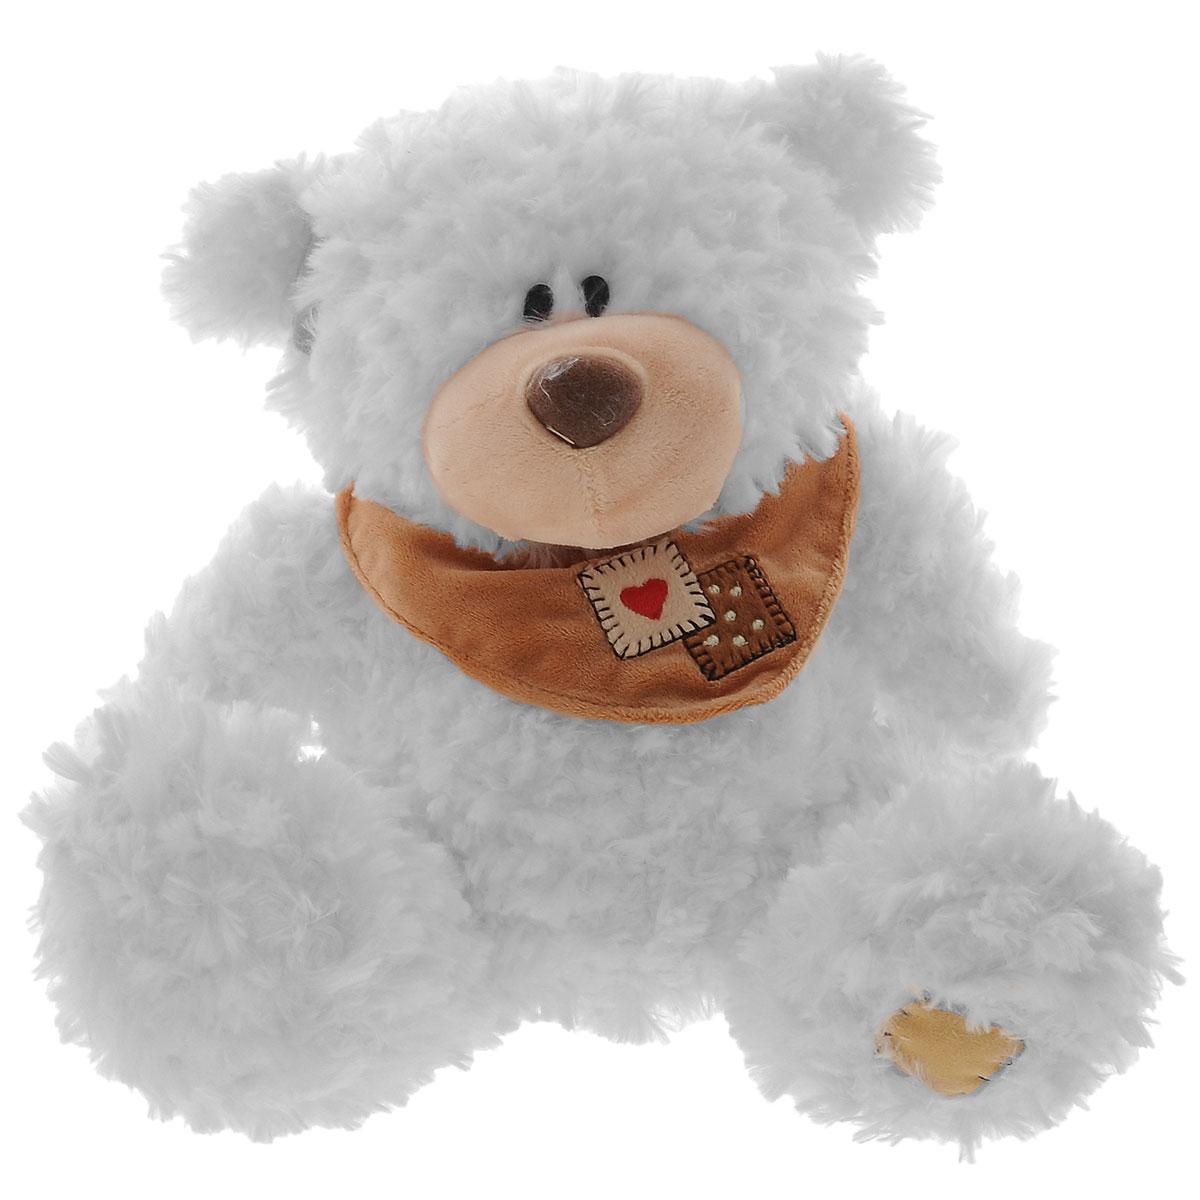 Купить Plush Apple Мягкая музыкальная игрушка Медведь с шарфом , 25 см, Kids First Toys Co., LTD